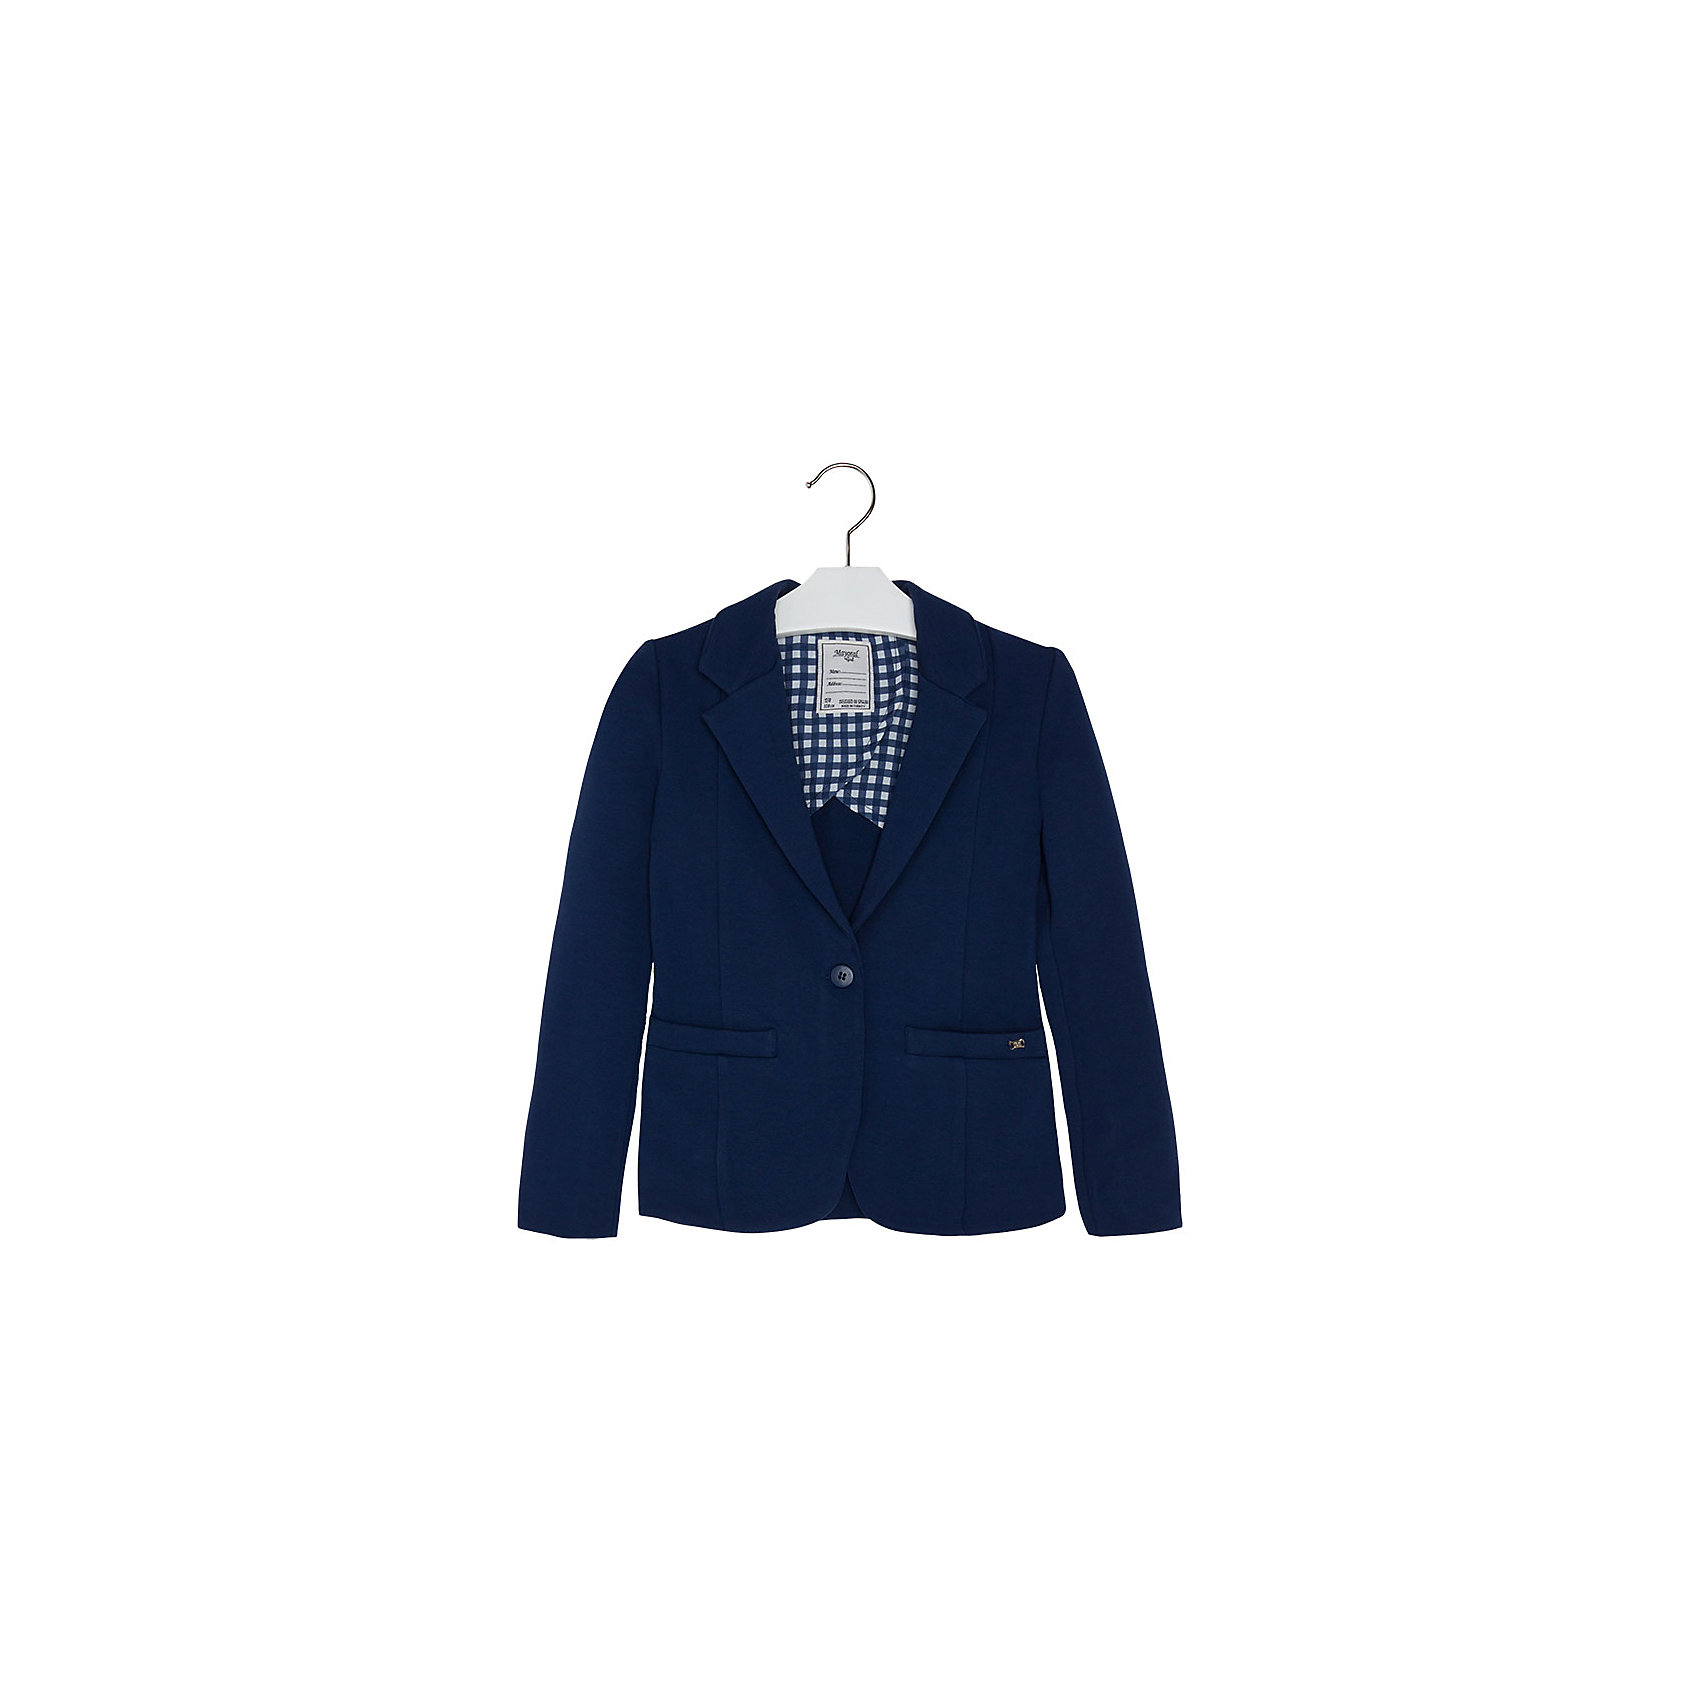 Пиджак для девочки MayoralПиджаки и костюмы<br>Пиджак для девочки от известной испанской марки Mayoral привнесет в образ юной модницы элегантность и стиль. Выполнен в спокойной цветовой гамме, поэтому прекрасно сочетается с различной одеждой. <br><br>Дополнительная информация:<br><br>- Отлично сидит на фигуре.<br>- Цвет: темно-синий. <br>- Застегивается на пуговицу. <br>- Прямой крой. <br>- Два боковых кармана.<br>- Декоративные складки на спине. <br>- Состав: 95 % Хлопок 5 % Эластан<br><br>Пиджак для девочки Mayoral (Майорал) можно купить в нашем магазине.<br><br>Ширина мм: 356<br>Глубина мм: 10<br>Высота мм: 245<br>Вес г: 519<br>Цвет: синий<br>Возраст от месяцев: 84<br>Возраст до месяцев: 96<br>Пол: Женский<br>Возраст: Детский<br>Размер: 128,140,170,164,158,152<br>SKU: 4543497